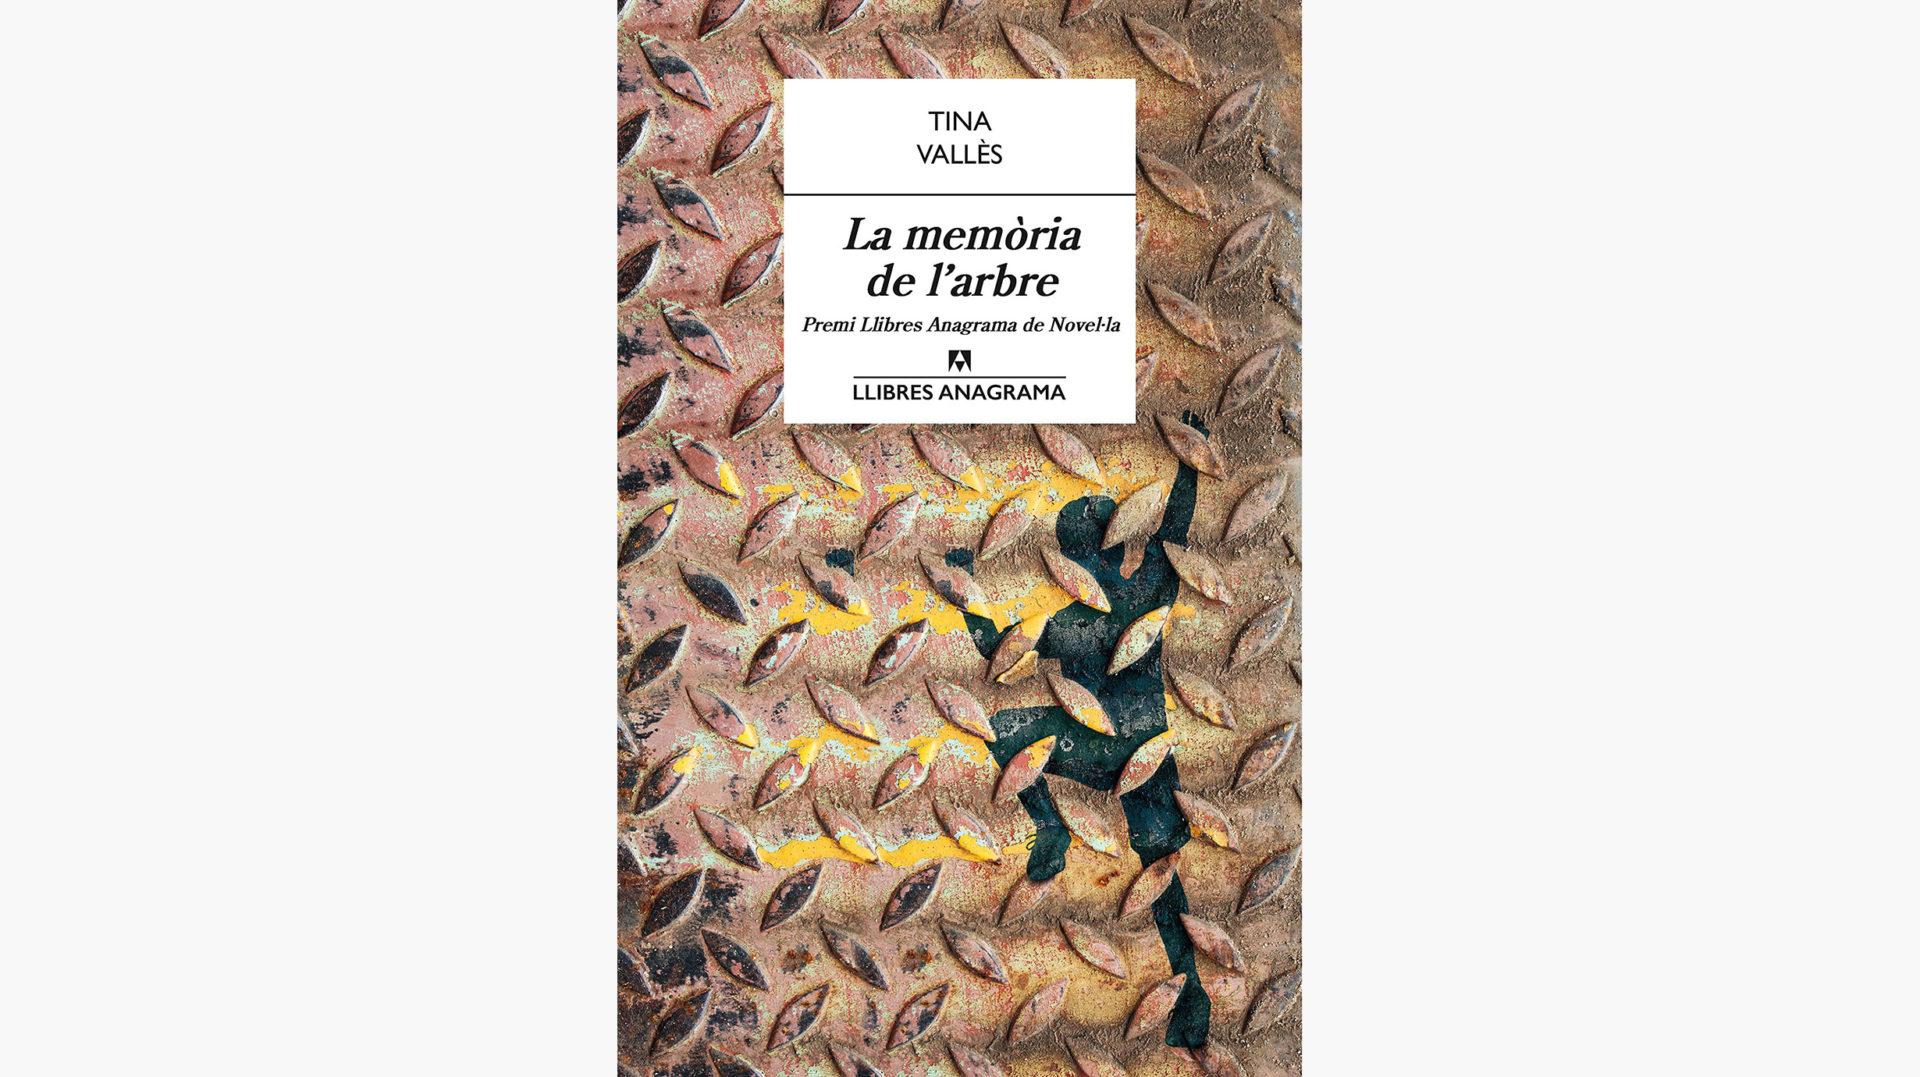 Club de lectura d'adults: La memòria de l'arbre